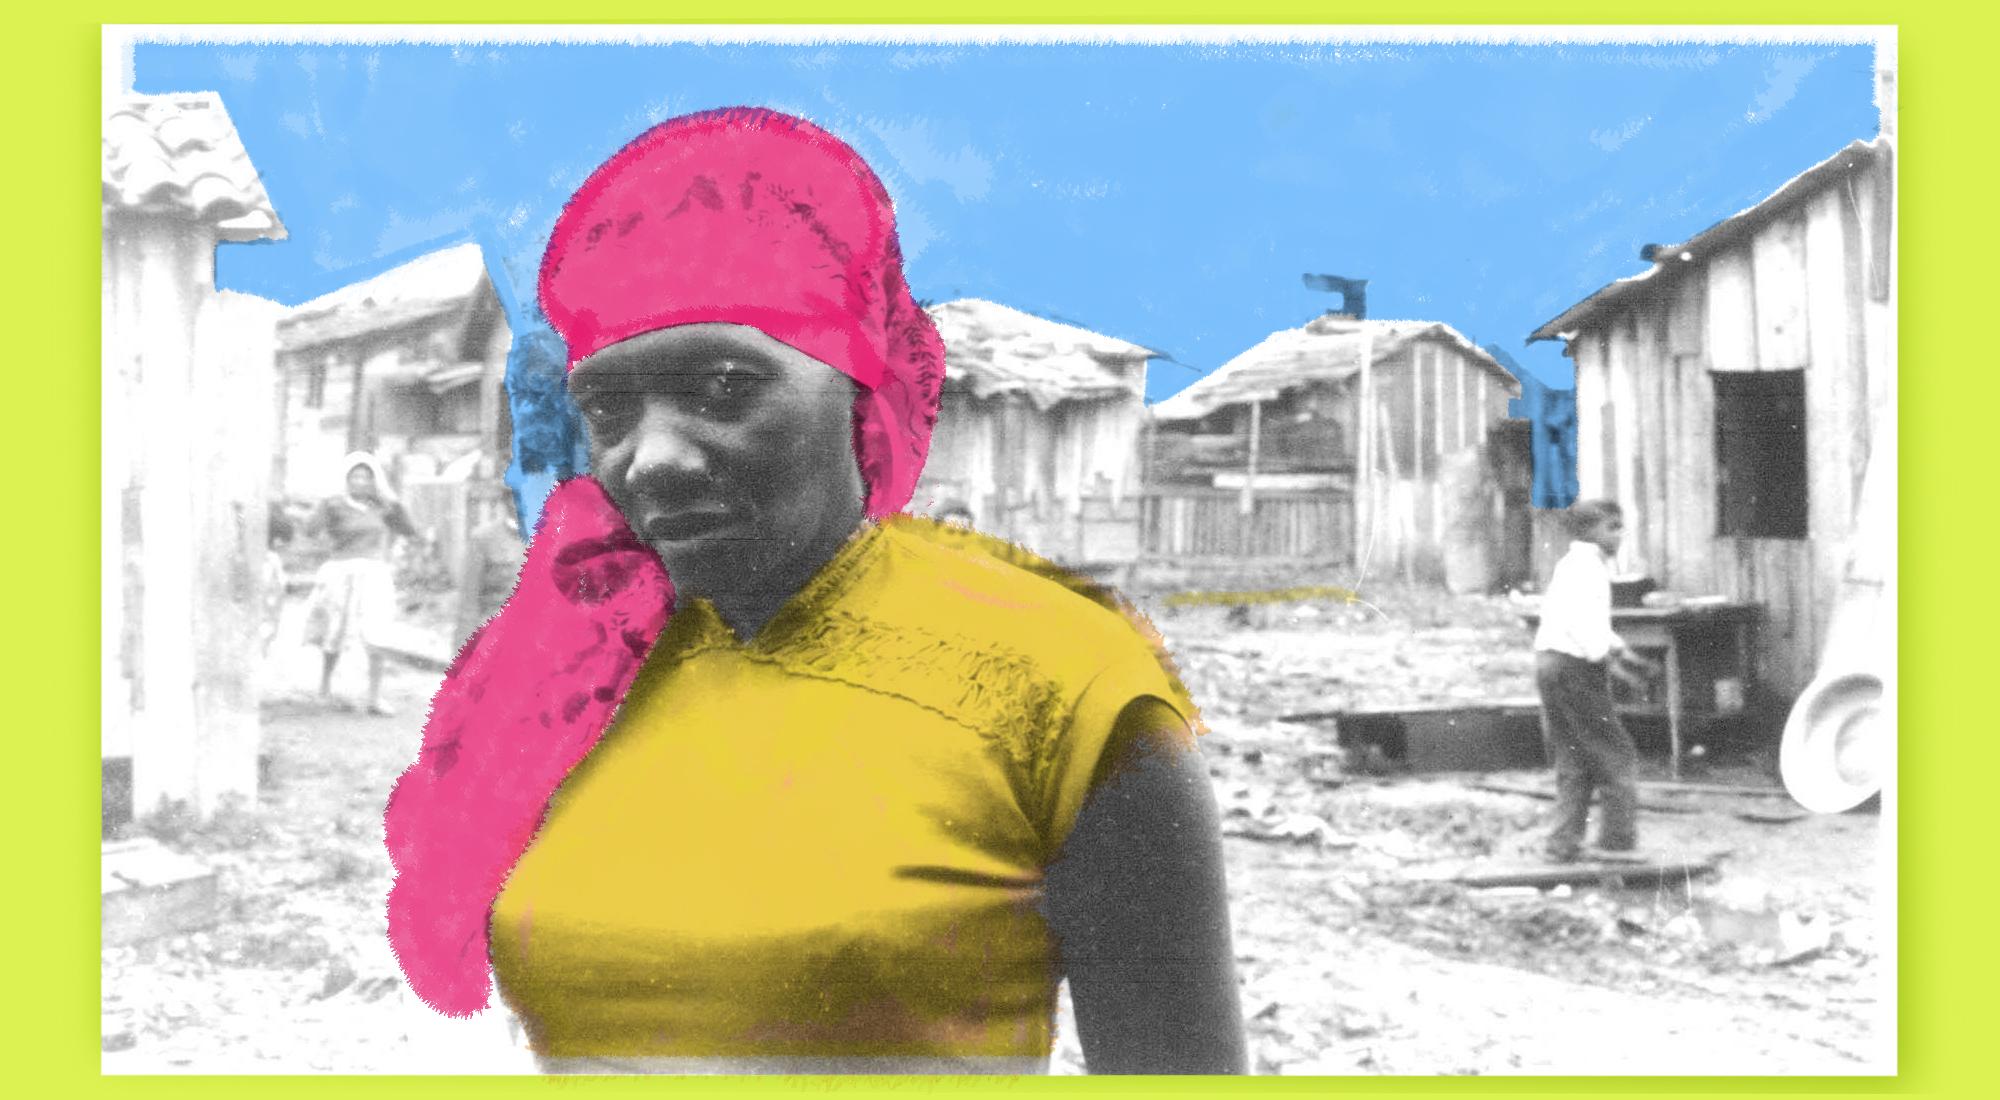 Em Quarto de Despejo, Carolina Maria de Jesus narrou a história de negros e pobres invisibilizados na sociedade